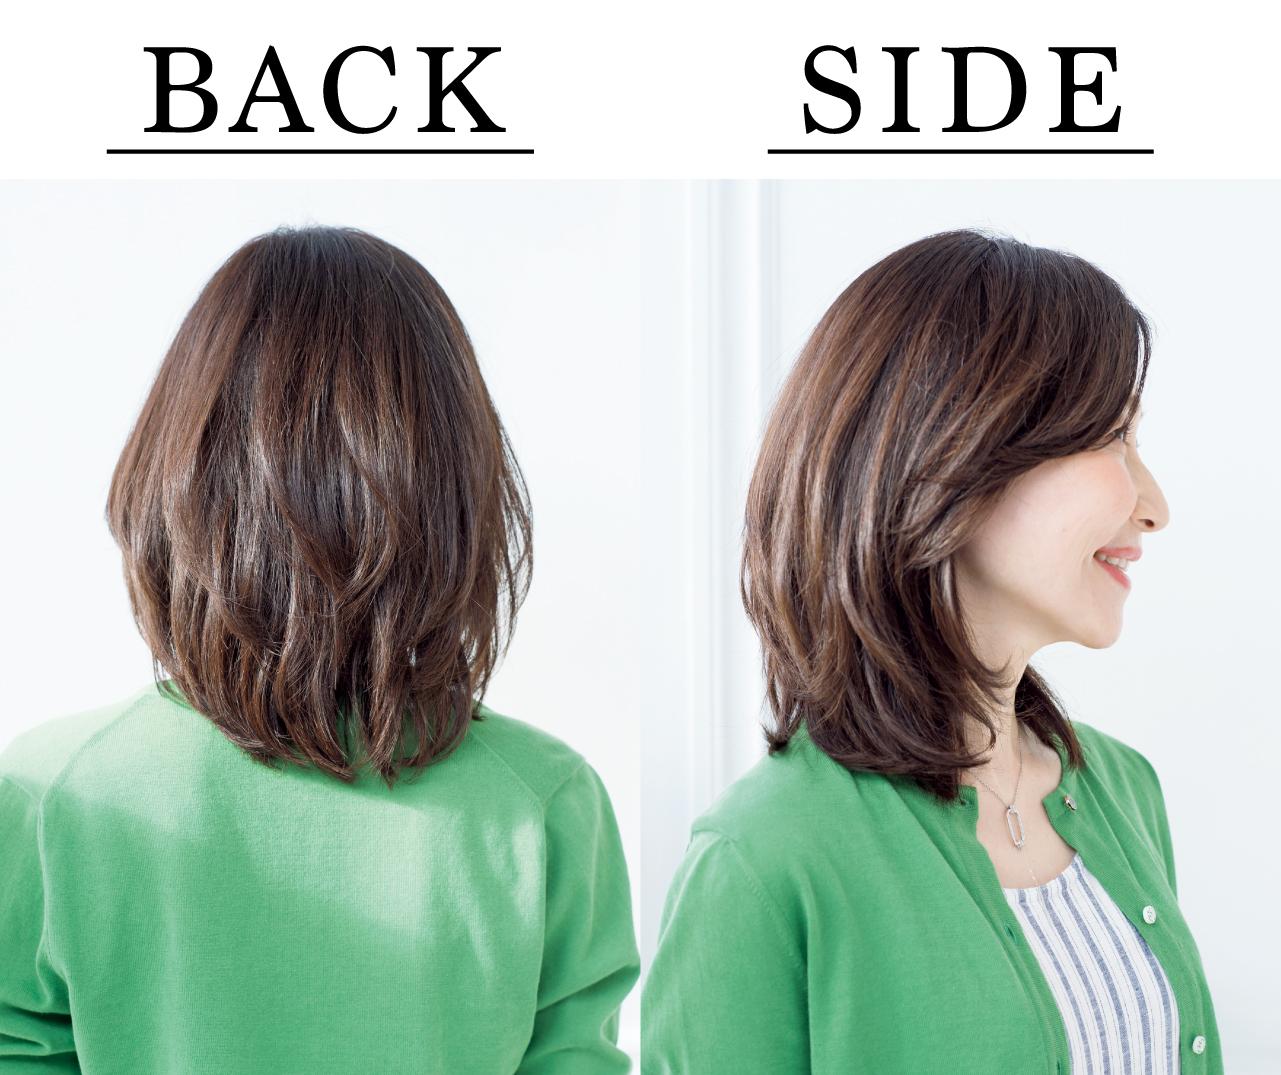 佐野裕子さん Side Back